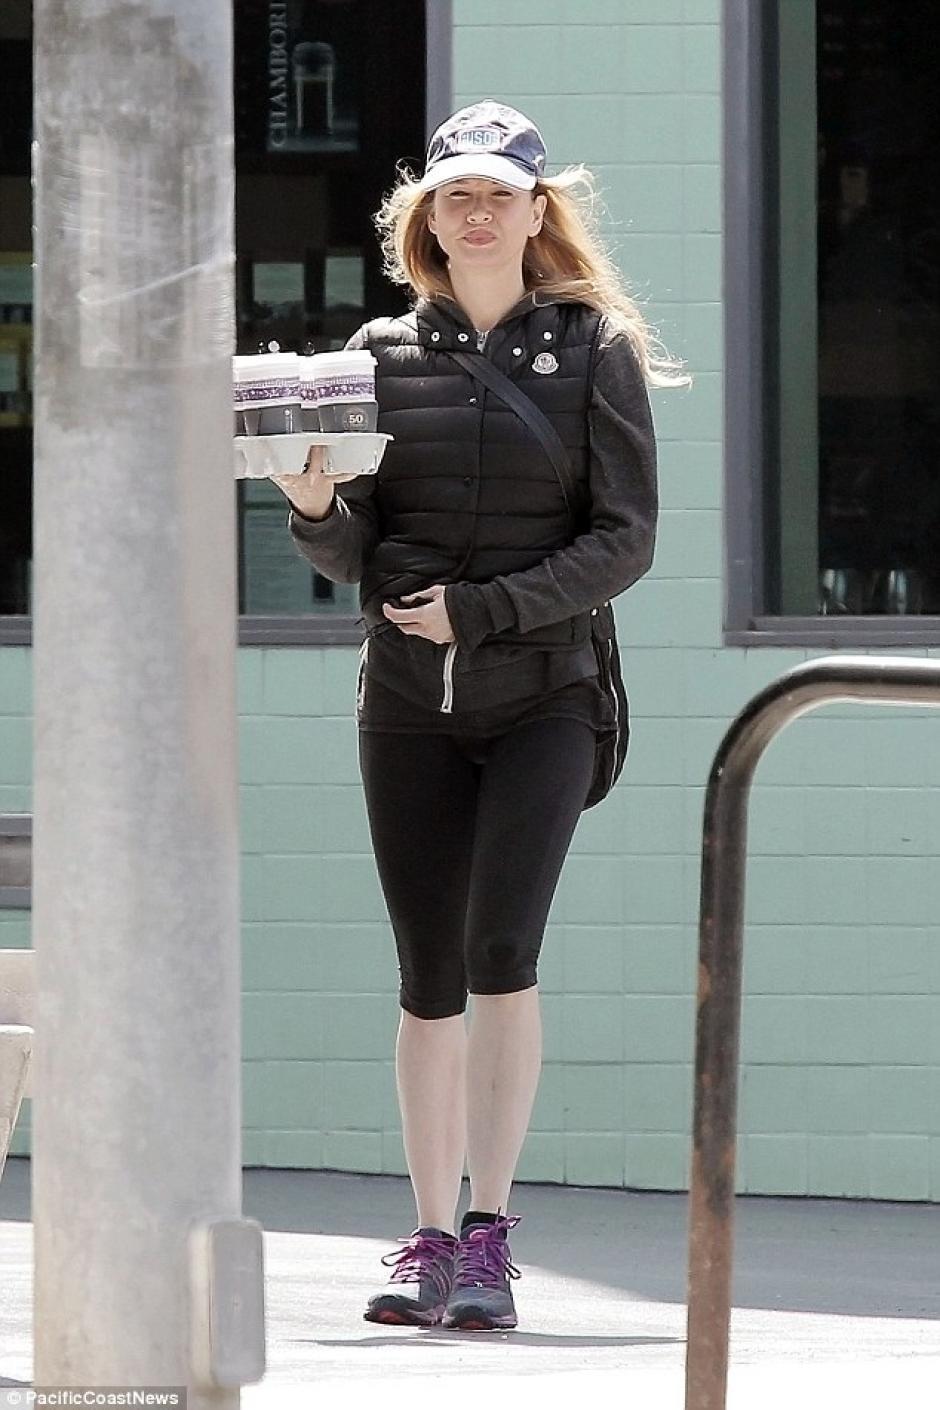 La actriz ha aparecido en distintas publicaciones por sus cambios. (Foto: Pacific Coast News)